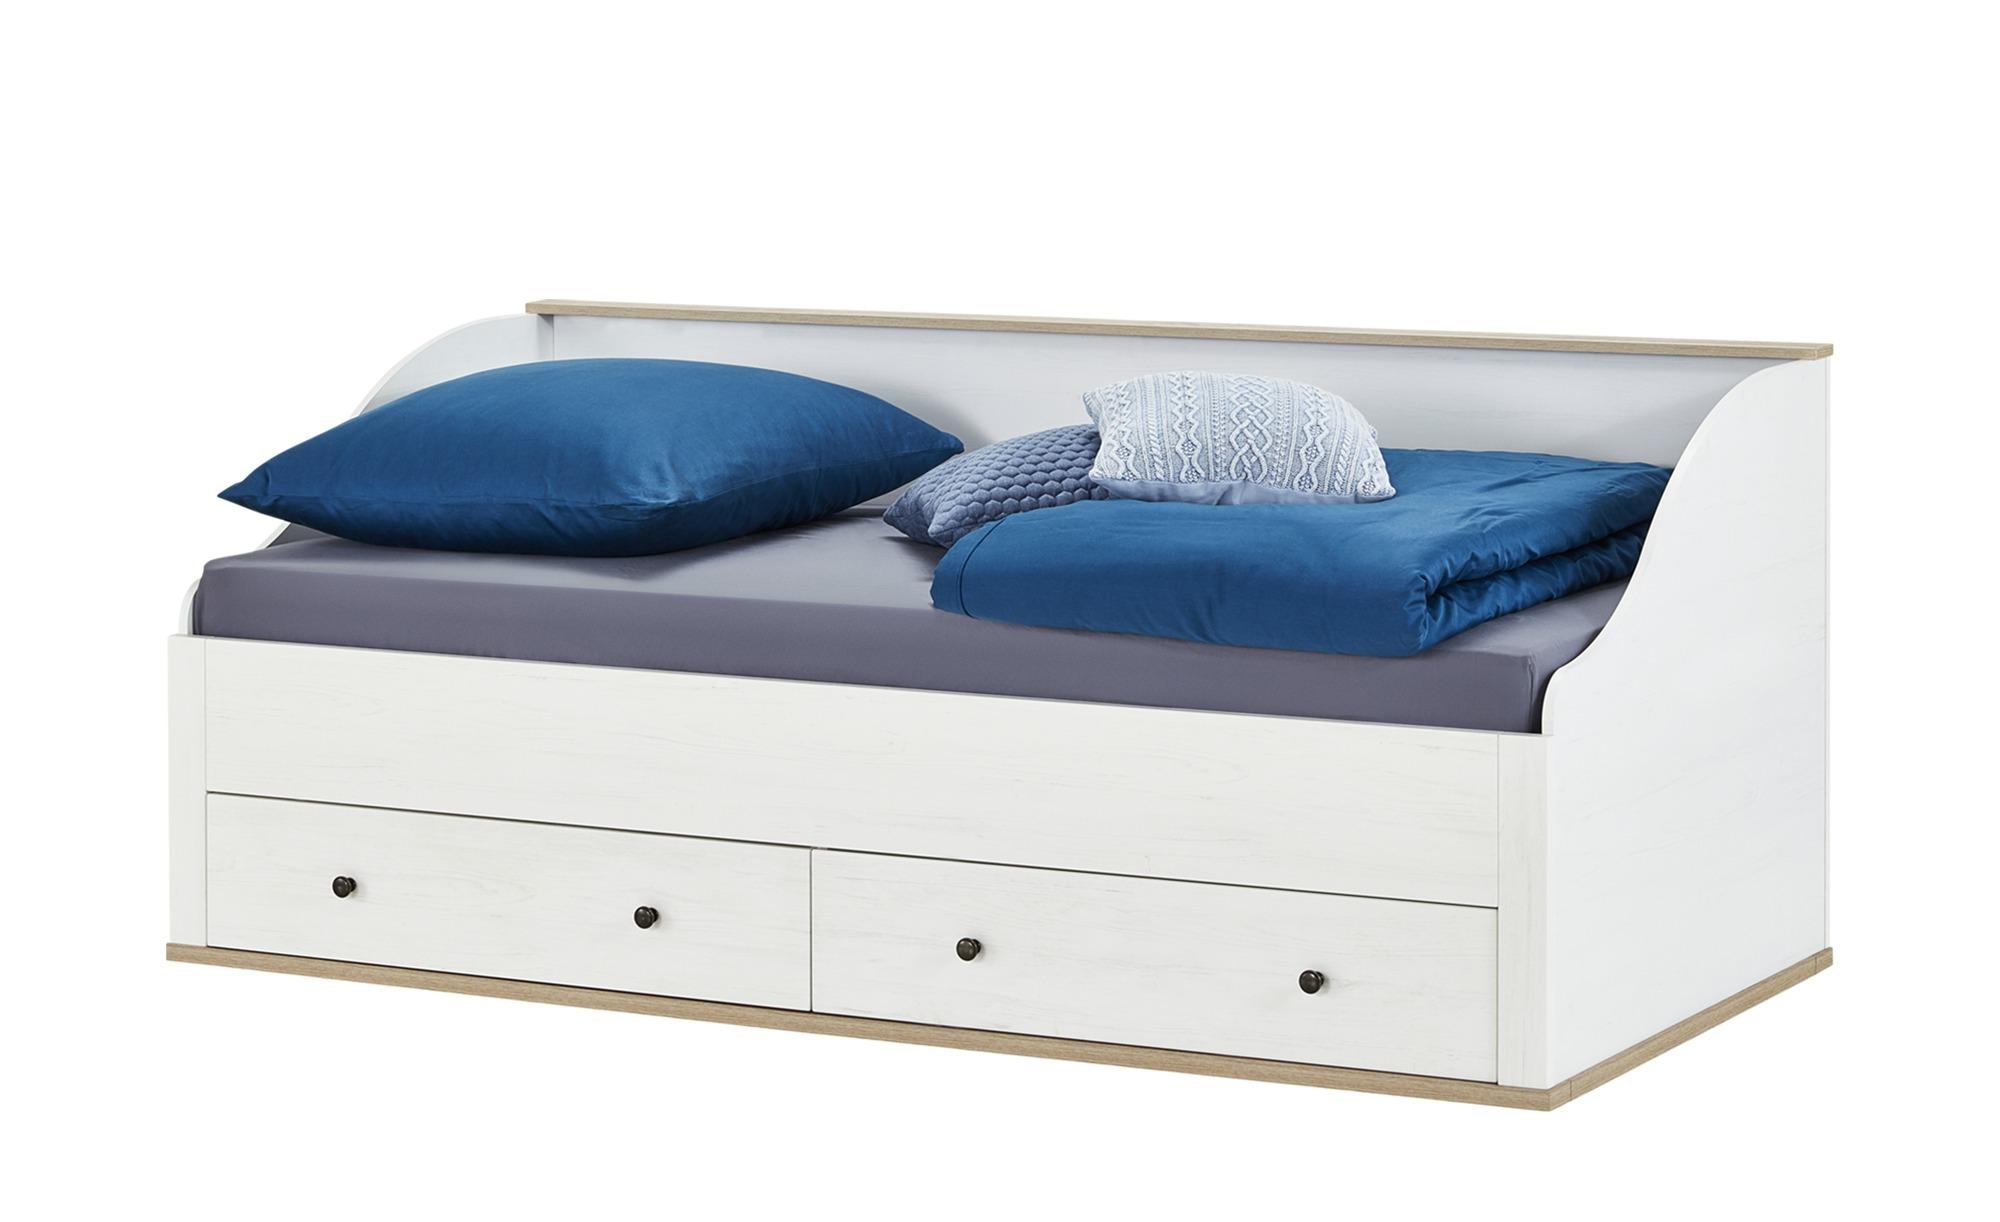 Full Size of Betten 120x200 Bett Mit Matratze Und Lattenrost Bettkasten Weiß Wohnzimmer Stauraumbett Funktionsbett 120x200